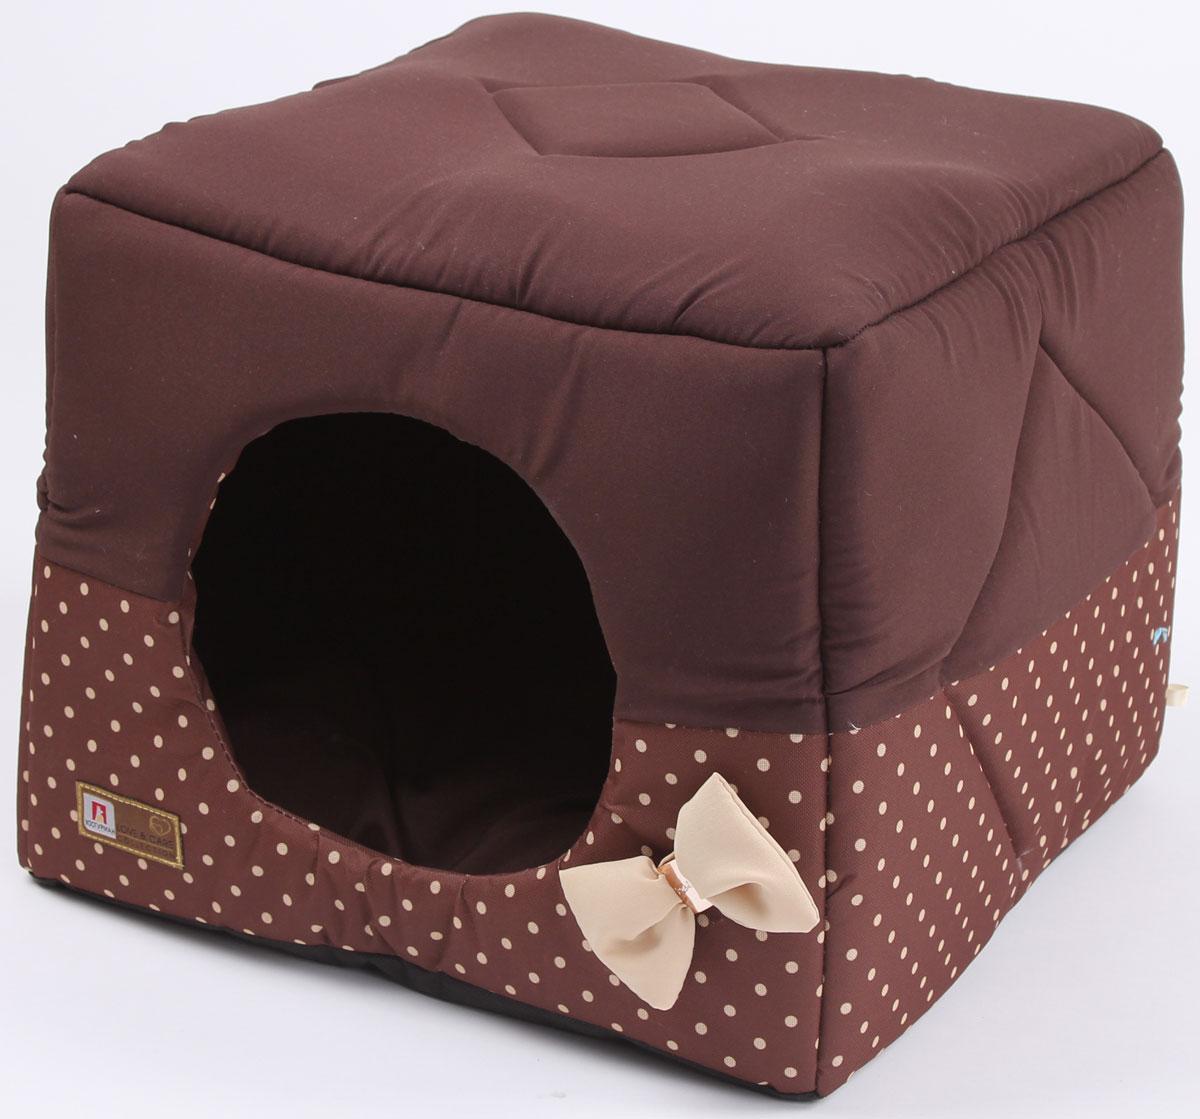 Лежак для собак и кошек Зоогурман Домосед, цвет: шоколадный, бежевый горох, 45 х 45 х 45 см1956_шоколадный, бежевый горохОригинальный и мягкий лежак для кошек и собак Зоогурман Домосед обязательно понравится вашему питомцу. Лежак выполнен из приятного материала. Уникальная конструкция лежака имеет два варианта использования: - лежанка, с высокими бортиками и мягкой внутренней подушкой, - закрытый домик с мягкой подушкой внутри. Универсальный лежак-трансформер непременно понравится вашему питомцу, подарит ему ощущение уюта и комфорта. В комплекте со съемной подушкой мягкая игрушка косточка. За изделием легко ухаживать, можно стирать вручную или в стиральной машине при температуре 40°С. Материал: микроволоконная шерстяная ткань. Наполнитель: гипоаллергенное синтетическое волокно. Наполнитель матрасика: шерсть. Размер: 45 х 45 х 45 см. Размер лежанки: 45 х 20 х 45 см.